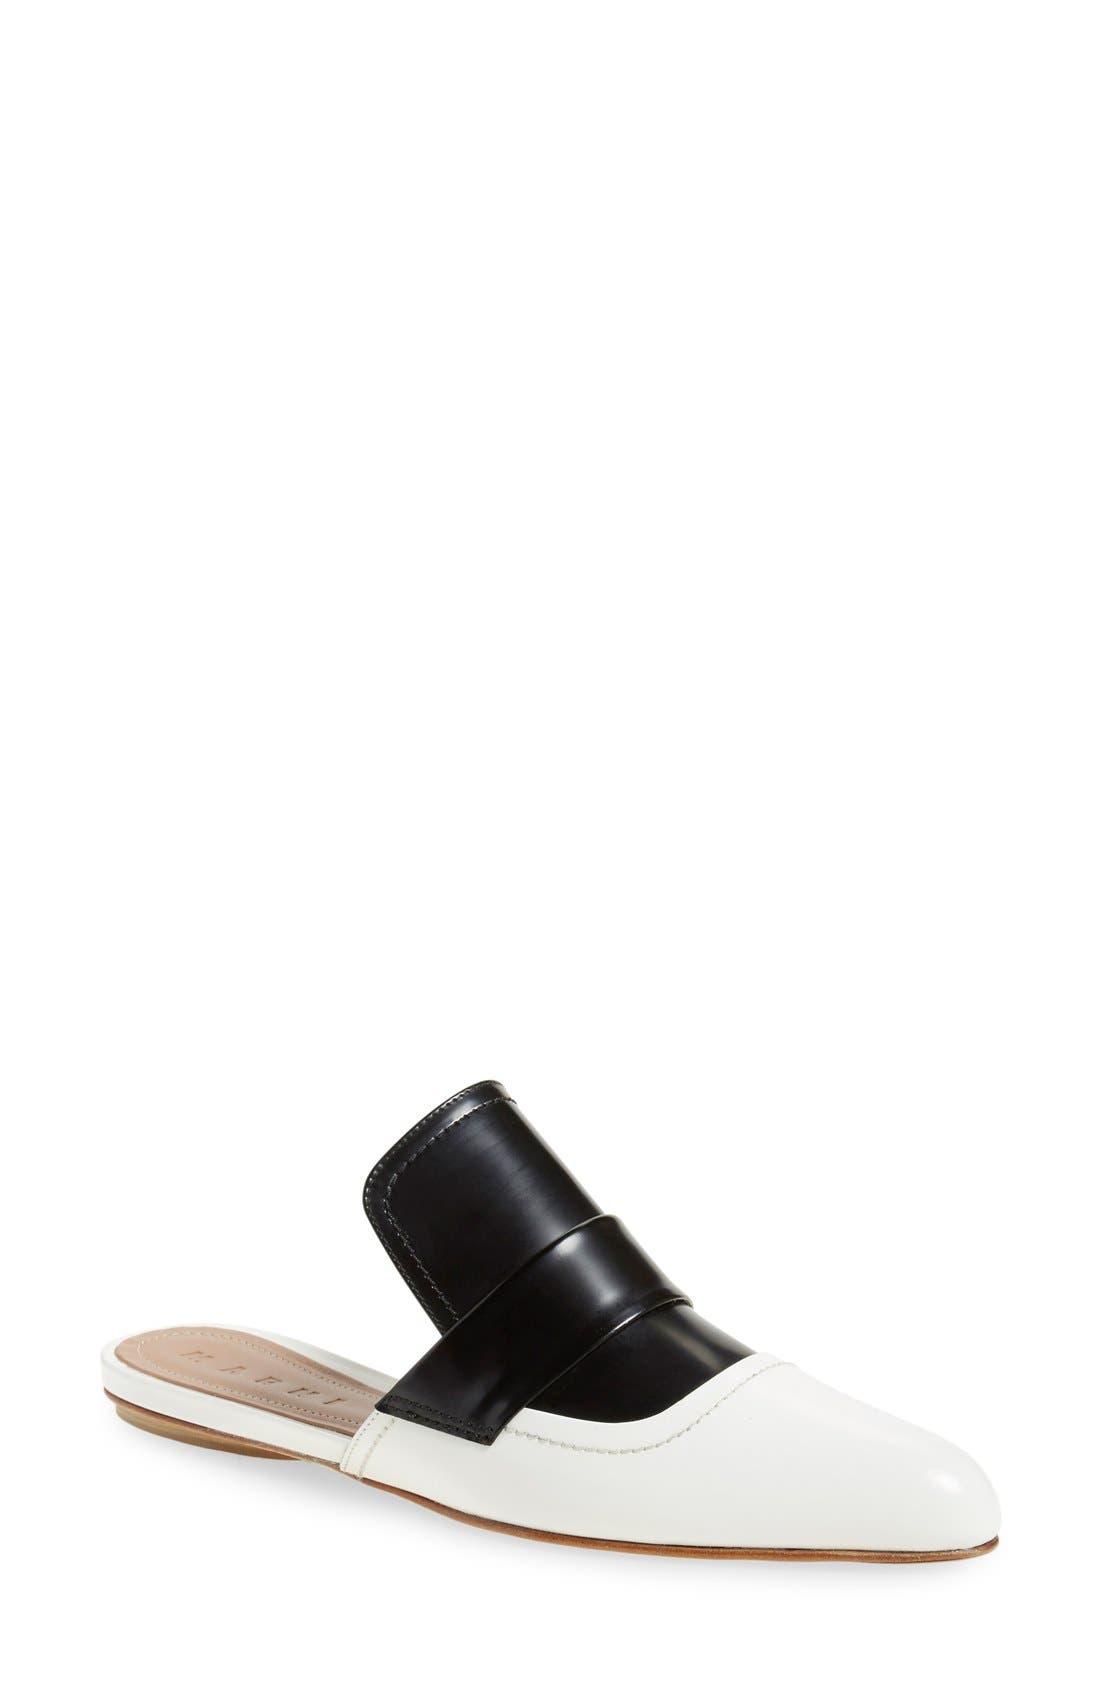 Main Image - Marni 'Sabot' Slide Loafer (Women)